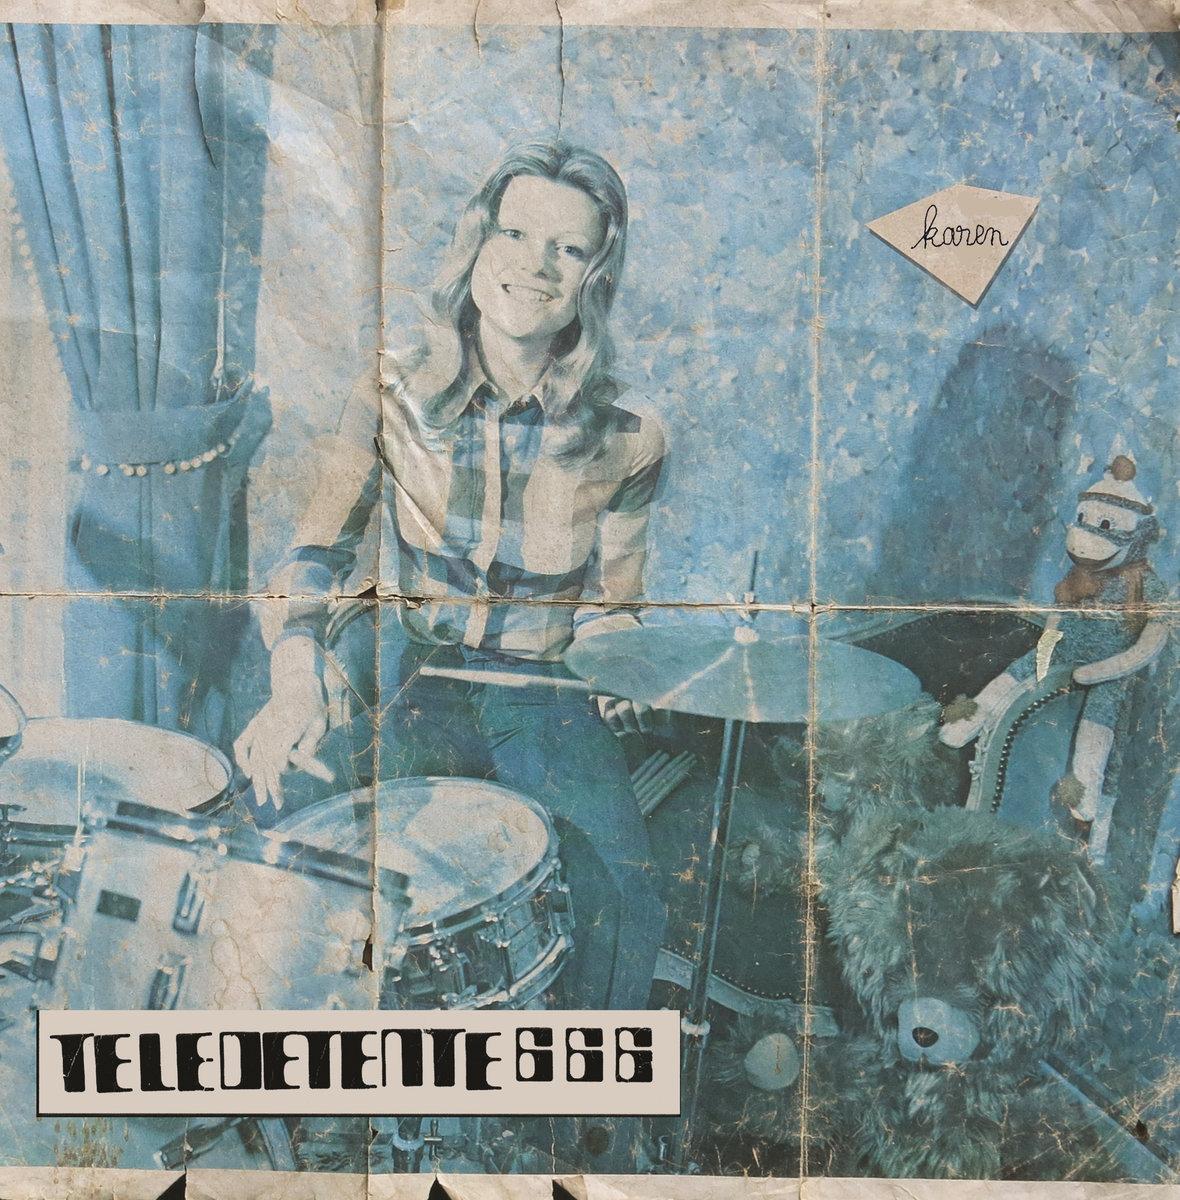 TELEDETENTE 666 Karen LP